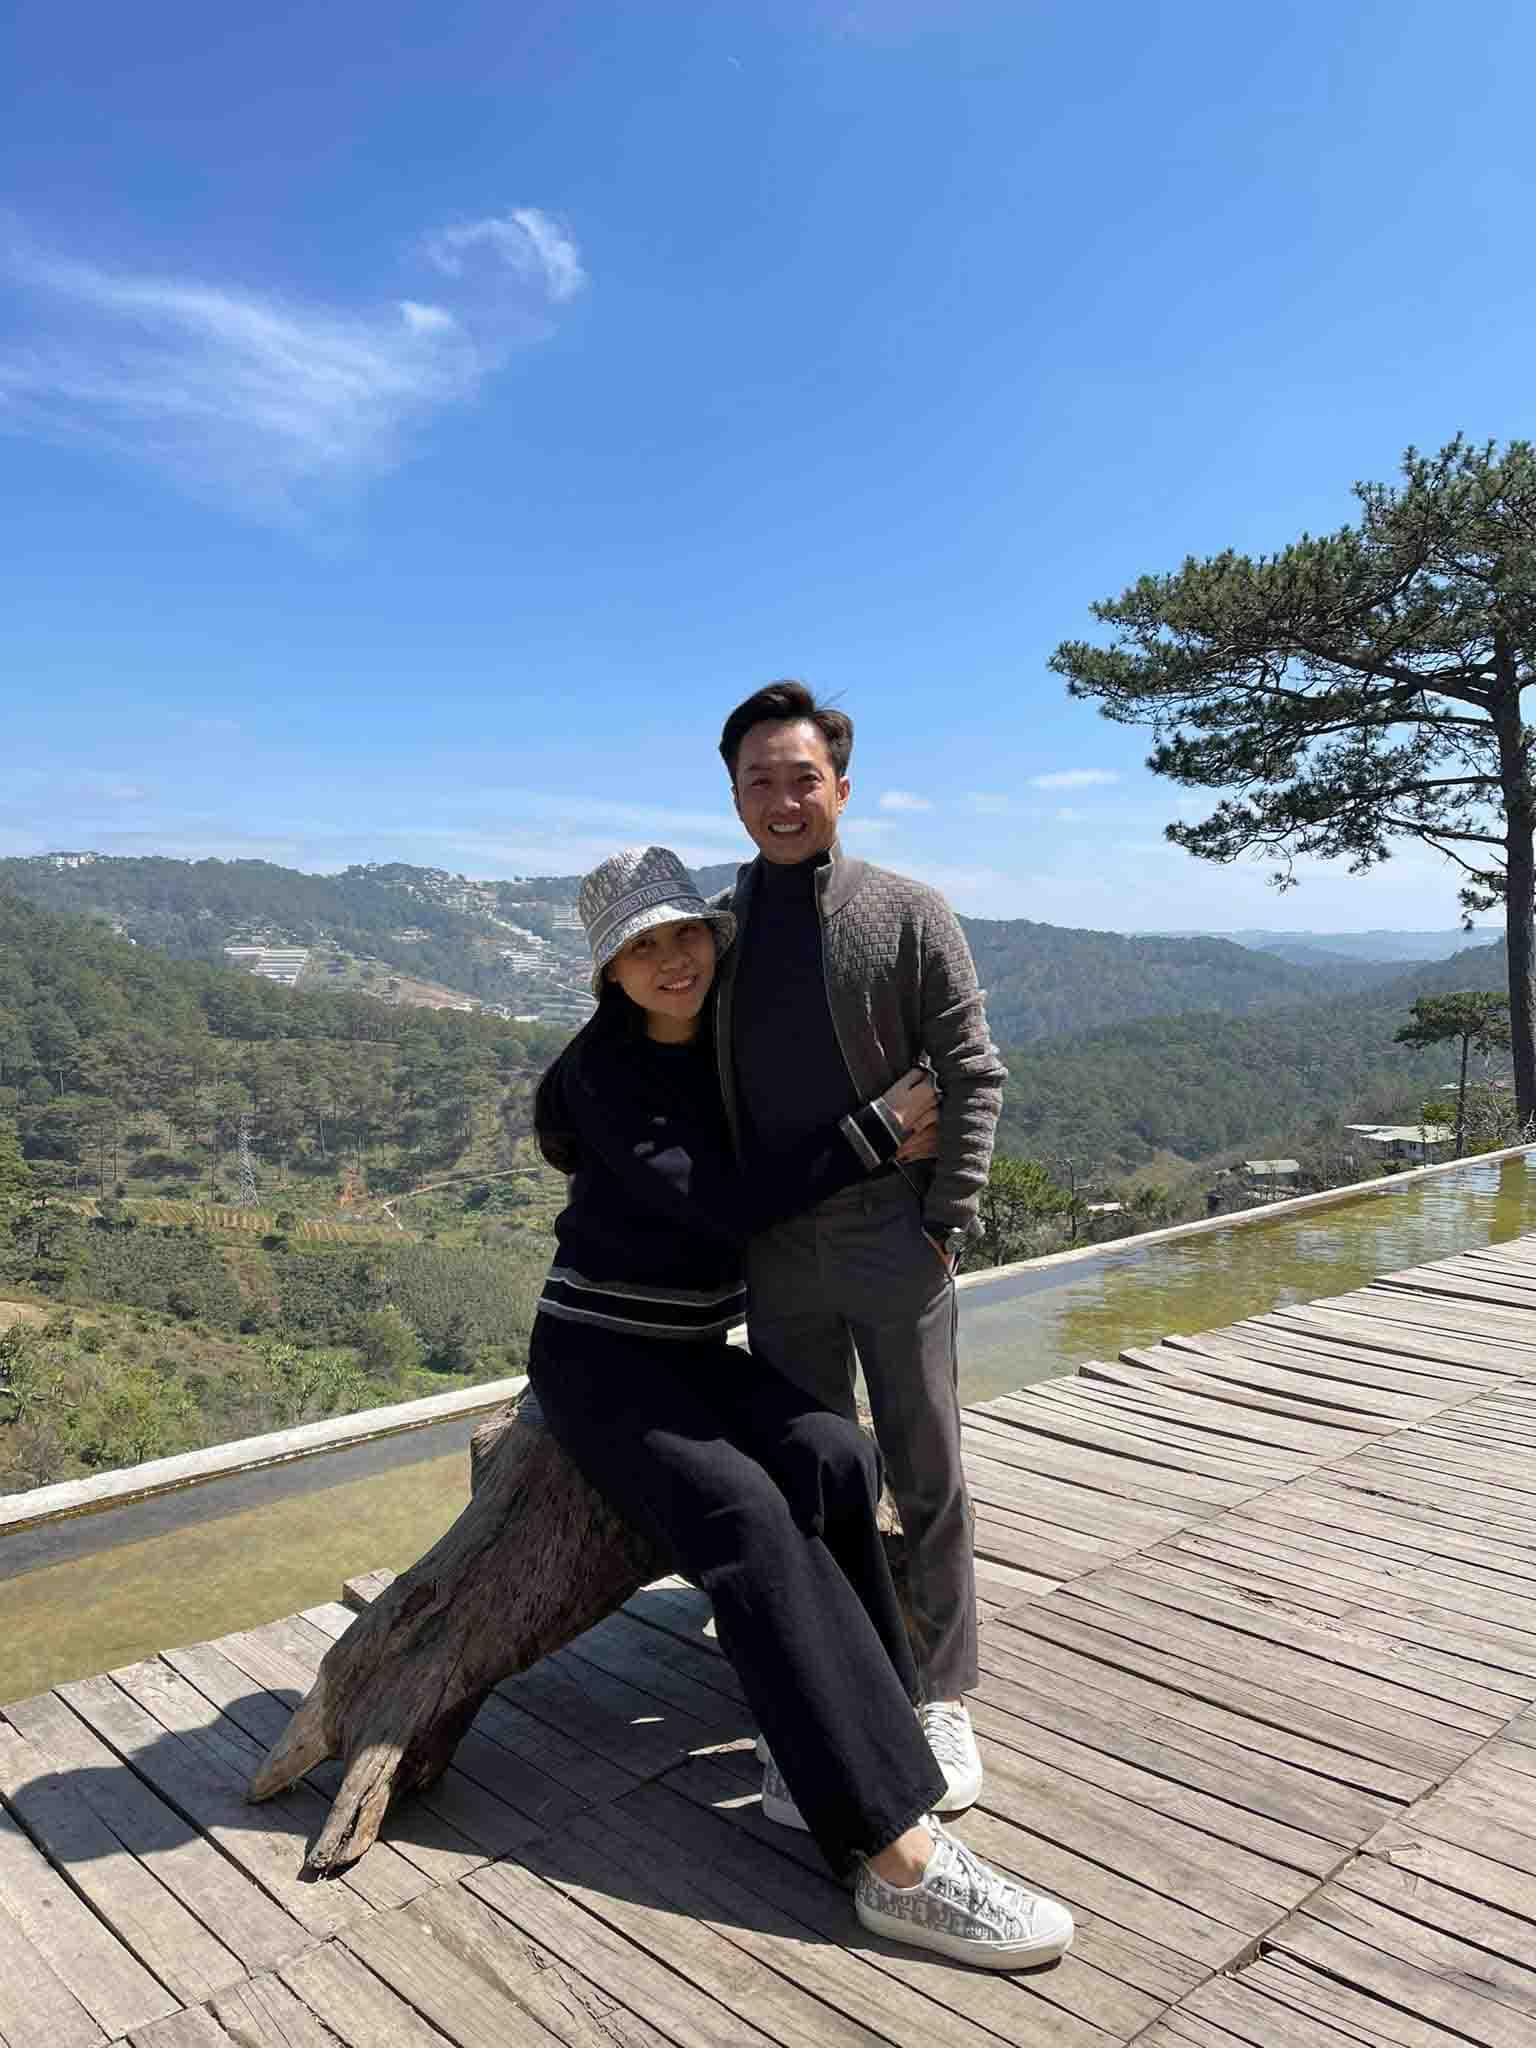 Làm dâu hào môn, Đàm Thu Trang vẫn mặc đơn giản, đi đâu cũng xỏ chân đúng 1 đôi giày - 1